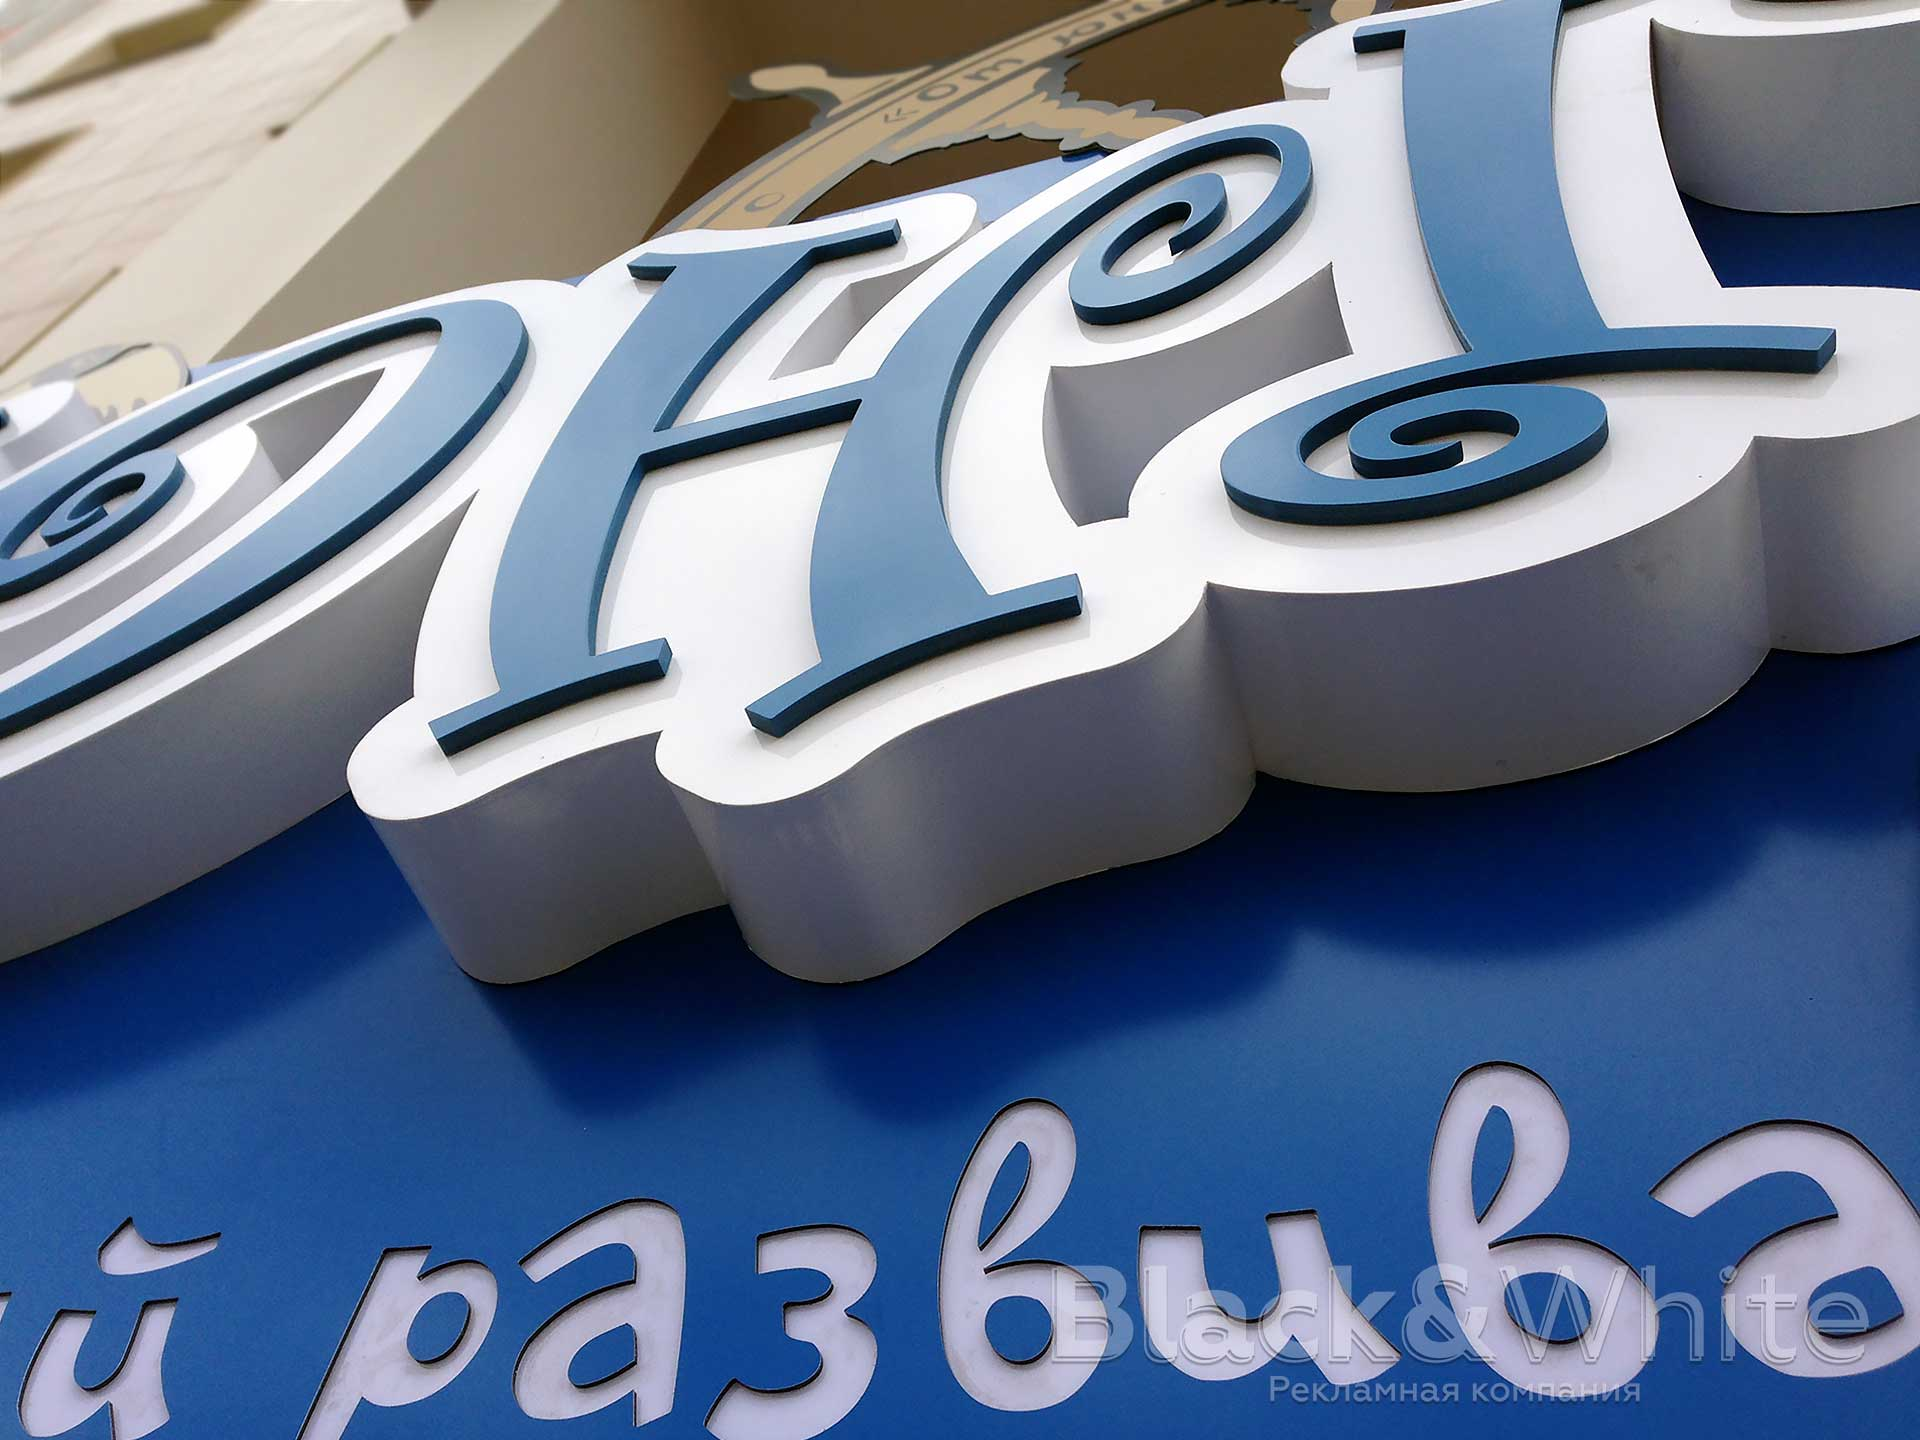 Плоские-псевдообъемные-буквы-из-ПВХ-2-на-заказа-изготовление-в-Красноярске.jpg